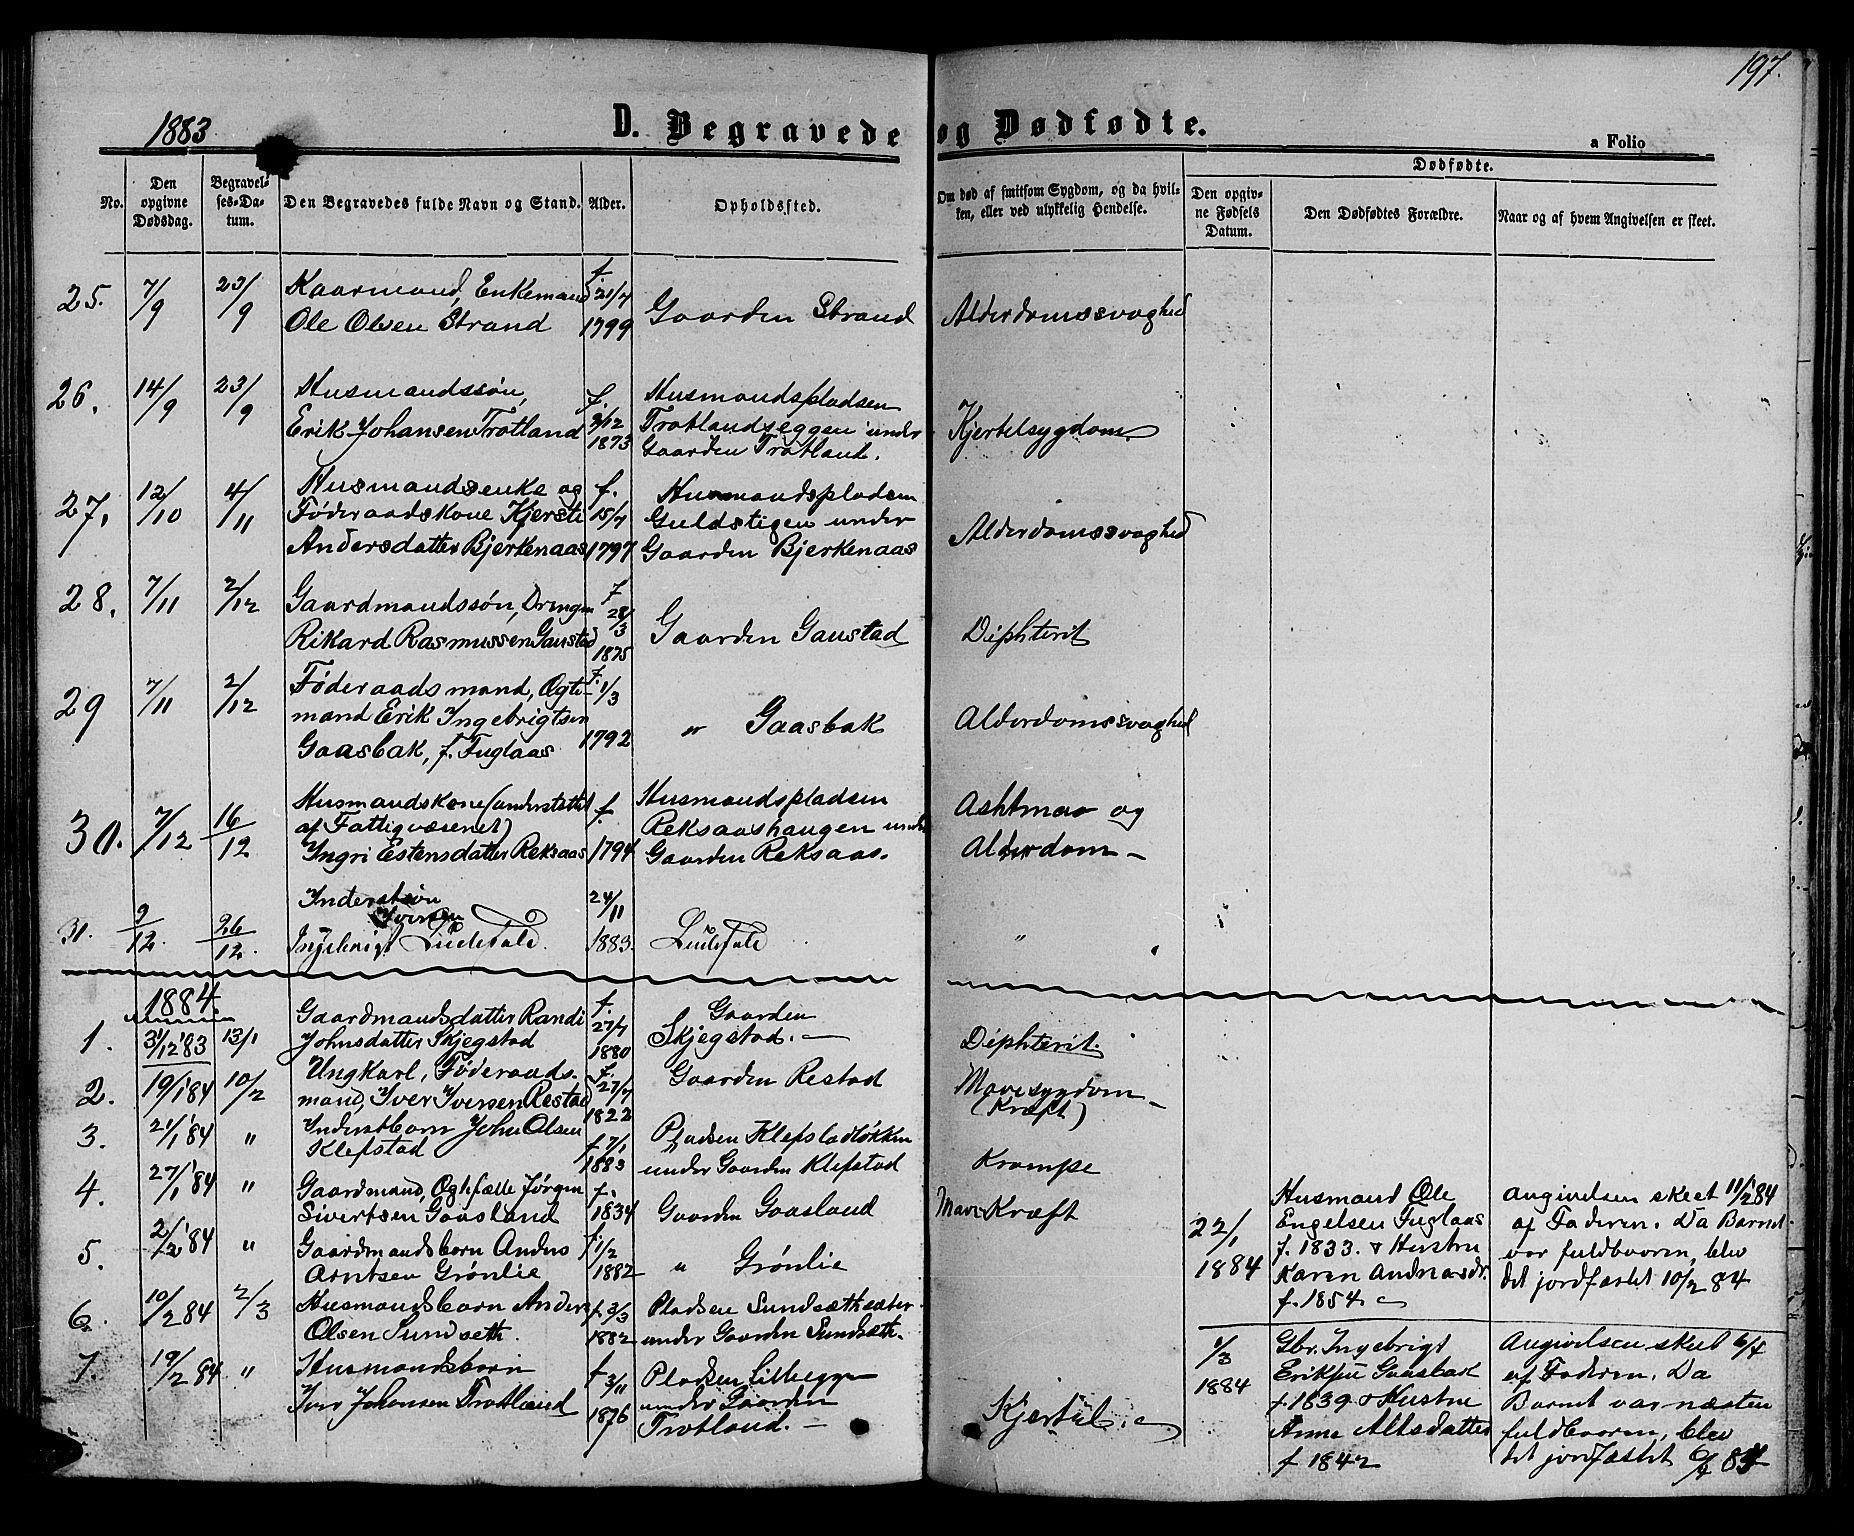 SAT, Ministerialprotokoller, klokkerbøker og fødselsregistre - Sør-Trøndelag, 694/L1131: Klokkerbok nr. 694C03, 1858-1886, s. 197